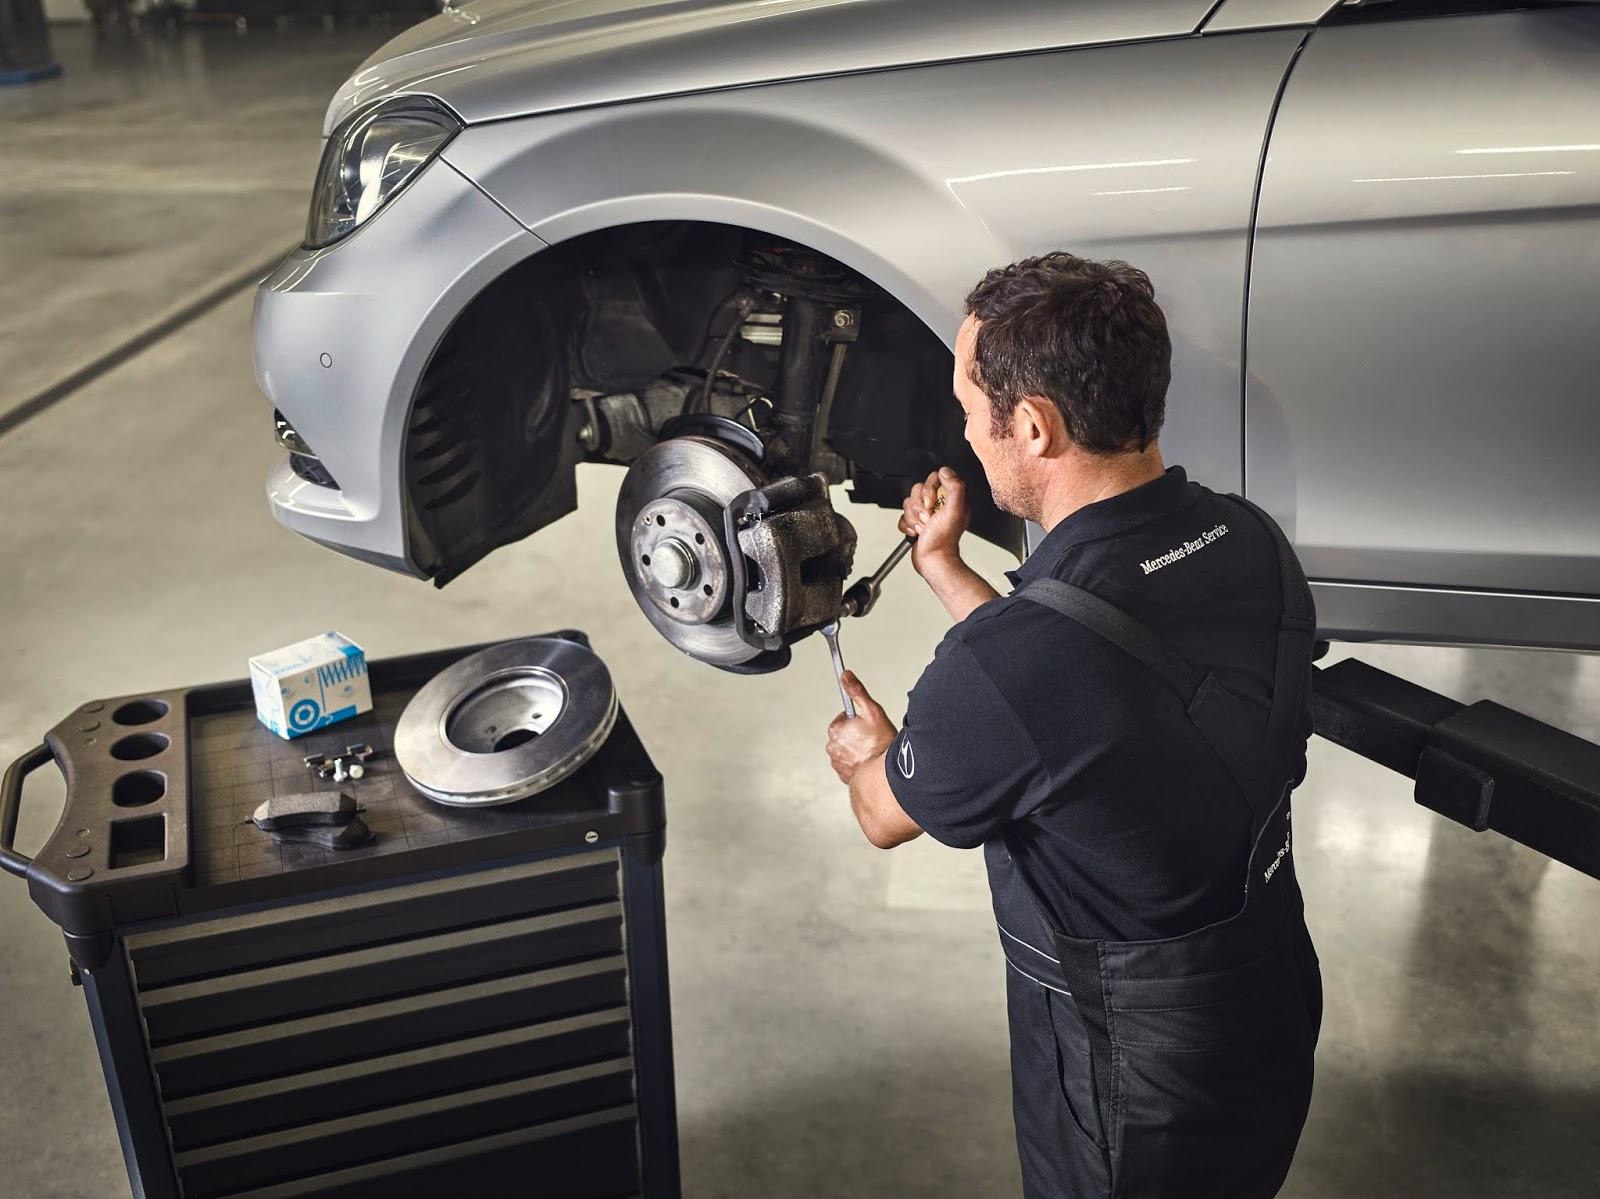 Mantenimientos vehiculares y repuestos originales, claves para la seguridad y rentabilidad de un vehículo